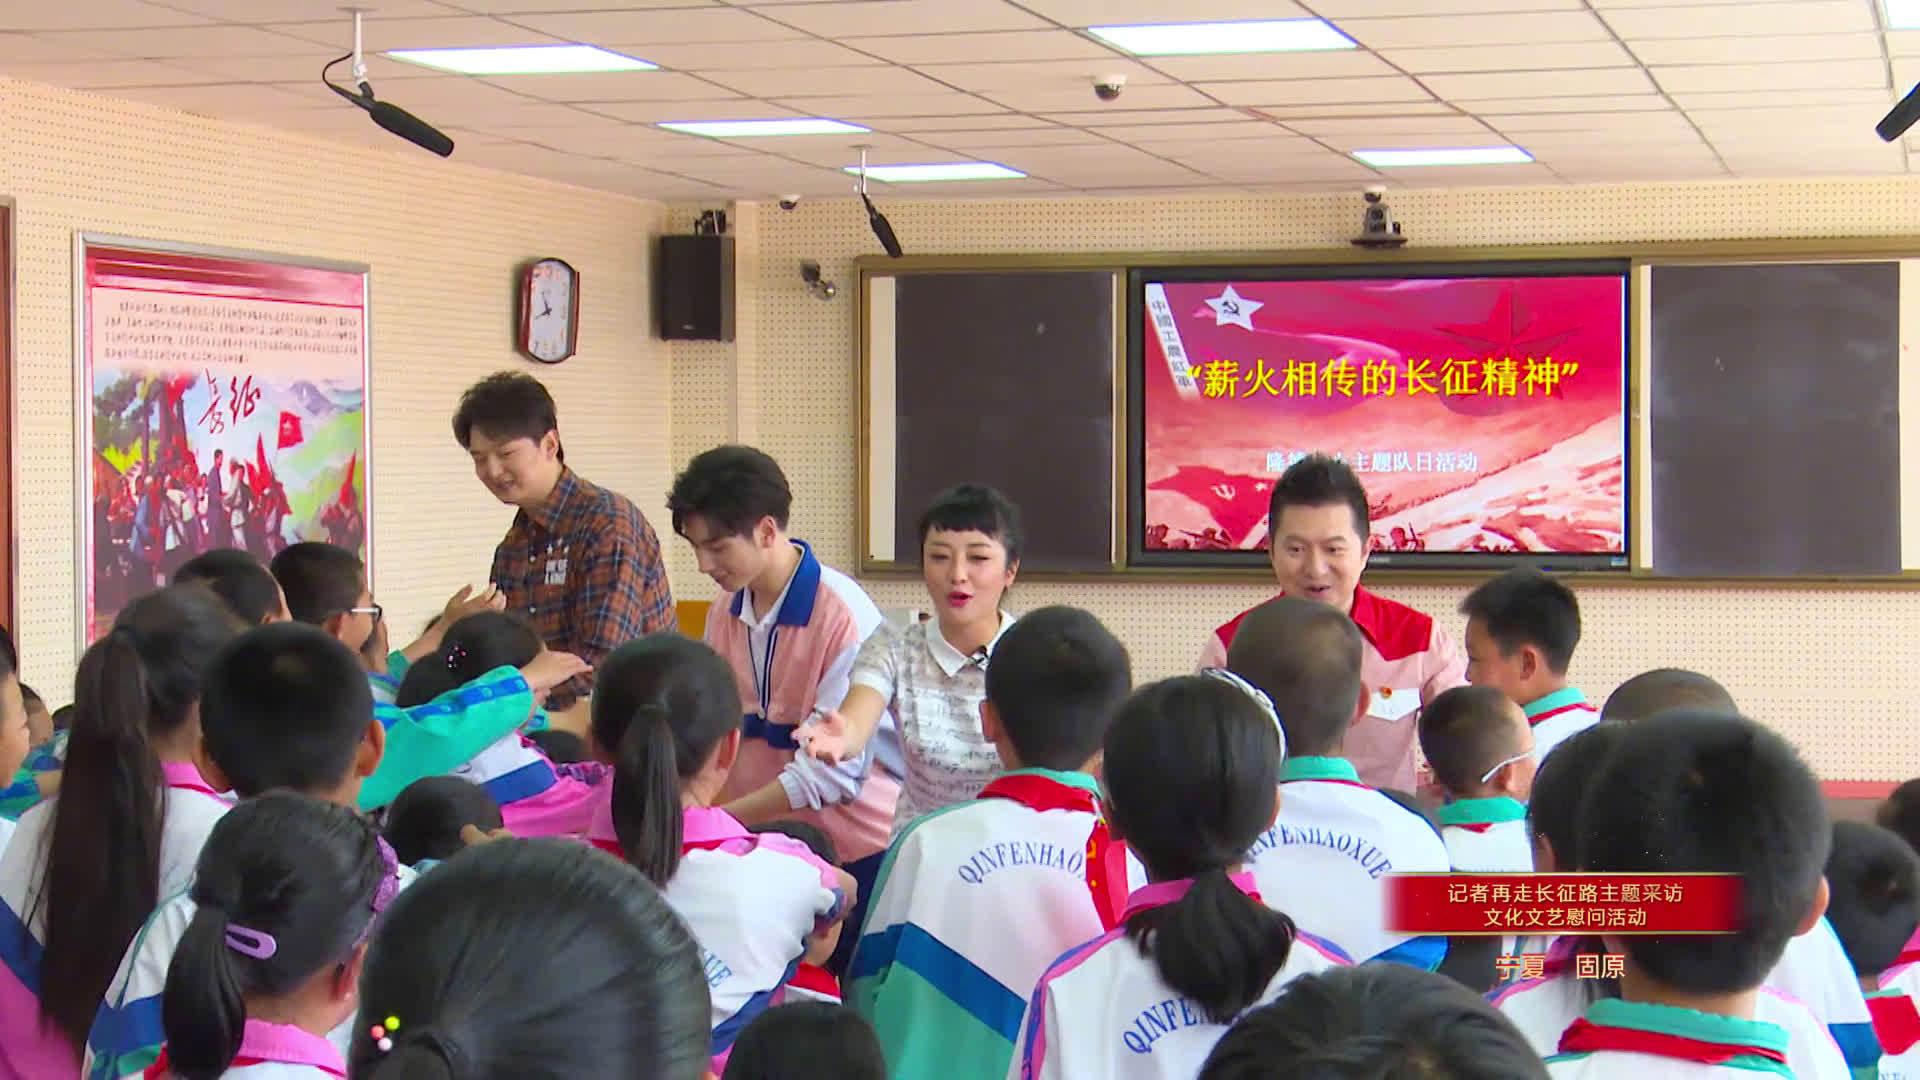 文化志愿者@杜悦 、绿泡泡、@蔡程昱 、@王凯歌剧演员 来到宁夏固原